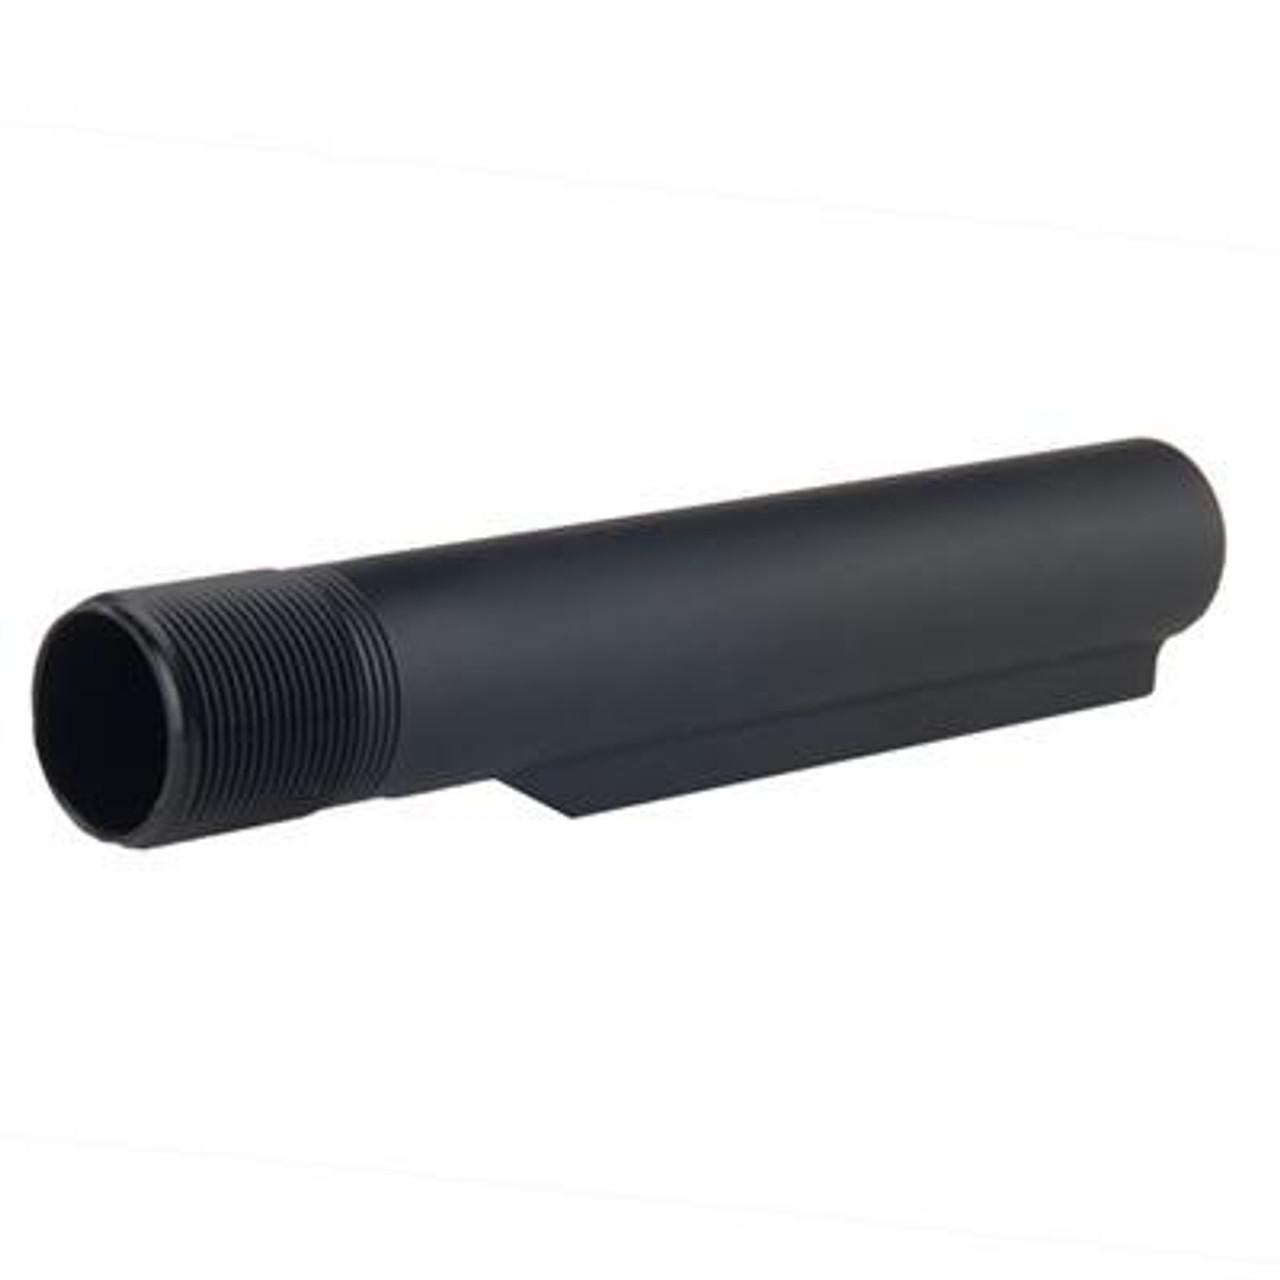 6-Position Mil-Spec Buffer Tube